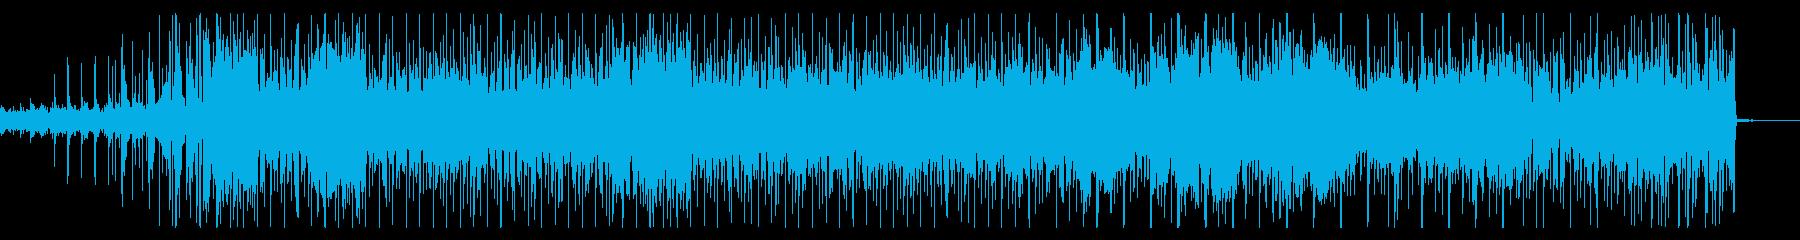 激しく甘美なエクスペリメンタルロックの再生済みの波形